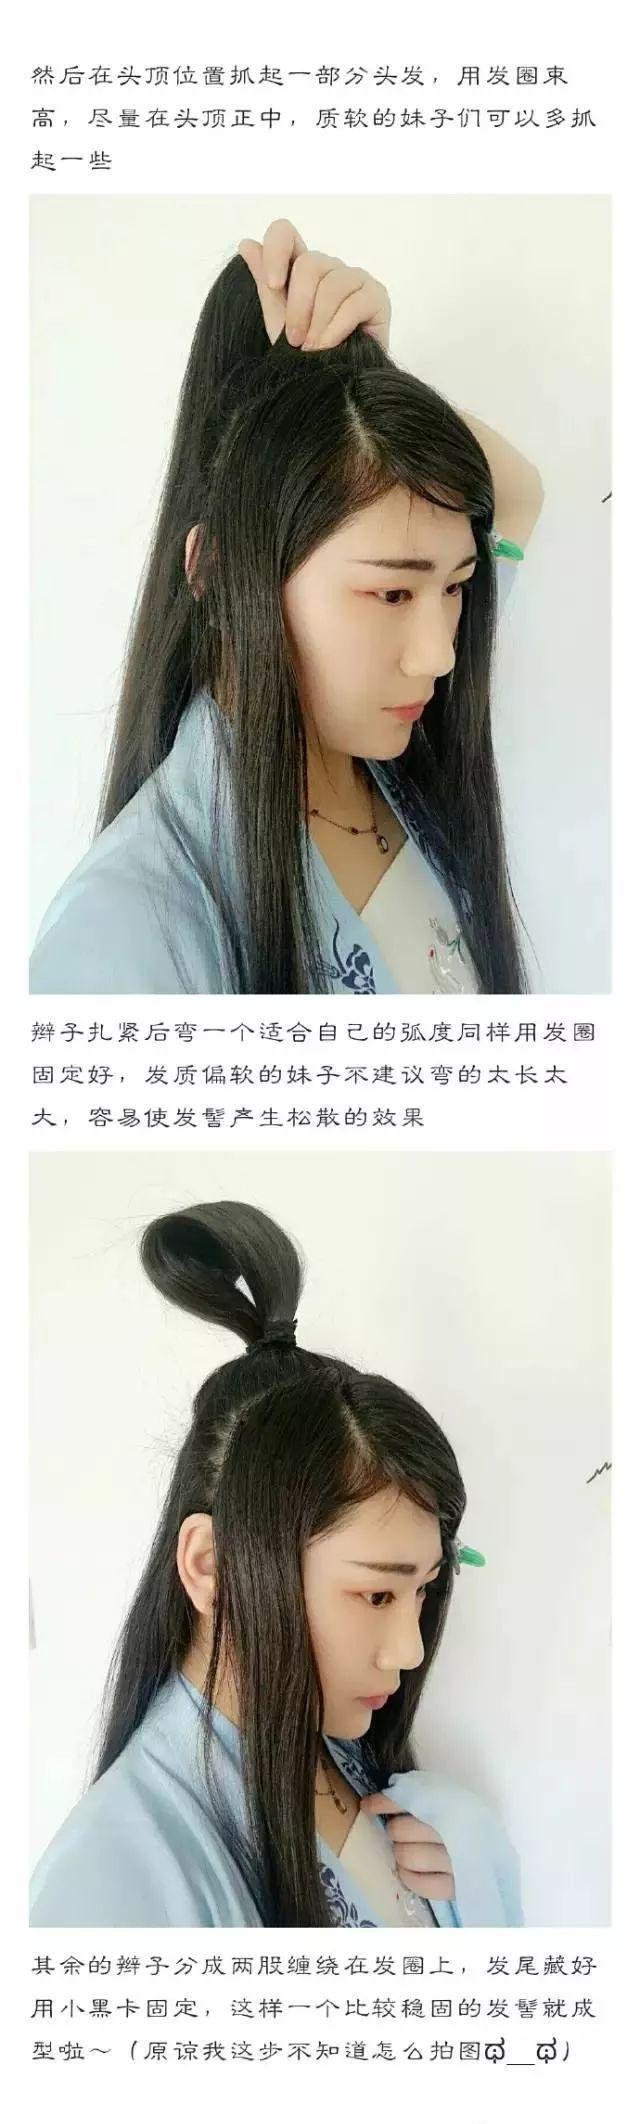 正文  今天分享的这款发型呢适用于潇洒飘逸的魏晋风汉服,这款发型图片